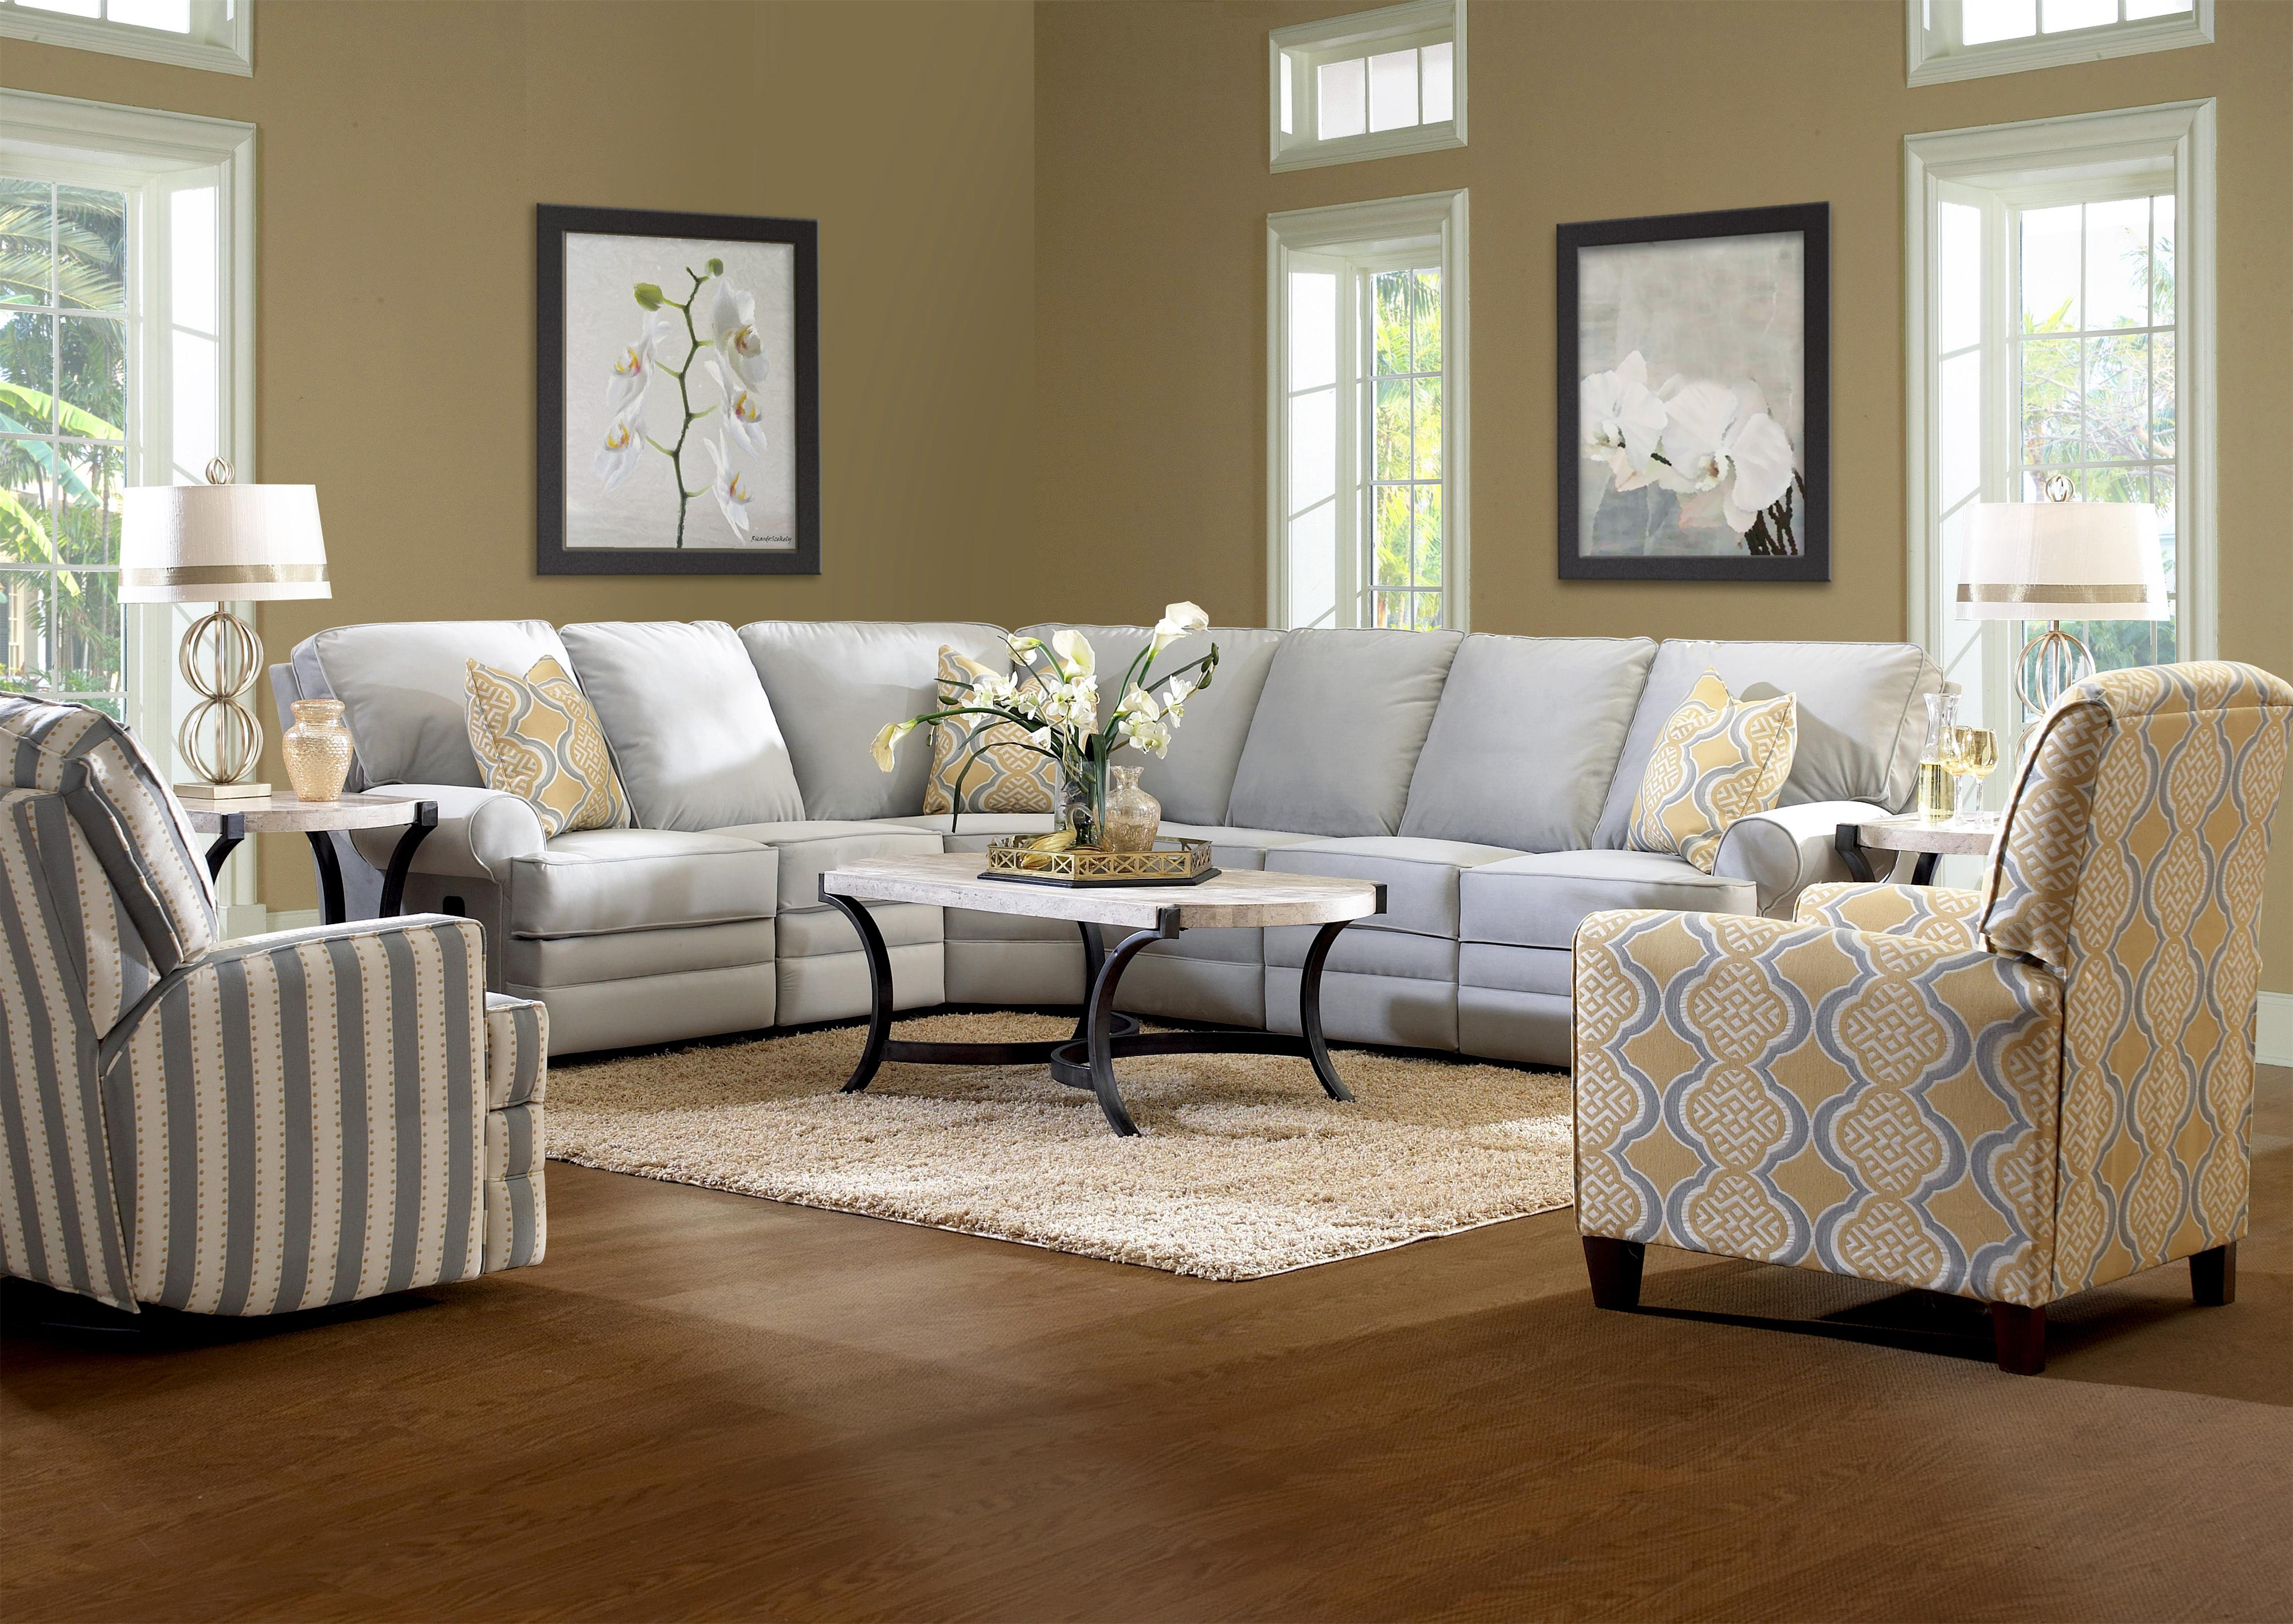 Belleview 21303 By Klaussner Pilgrim Furniture City Dealer